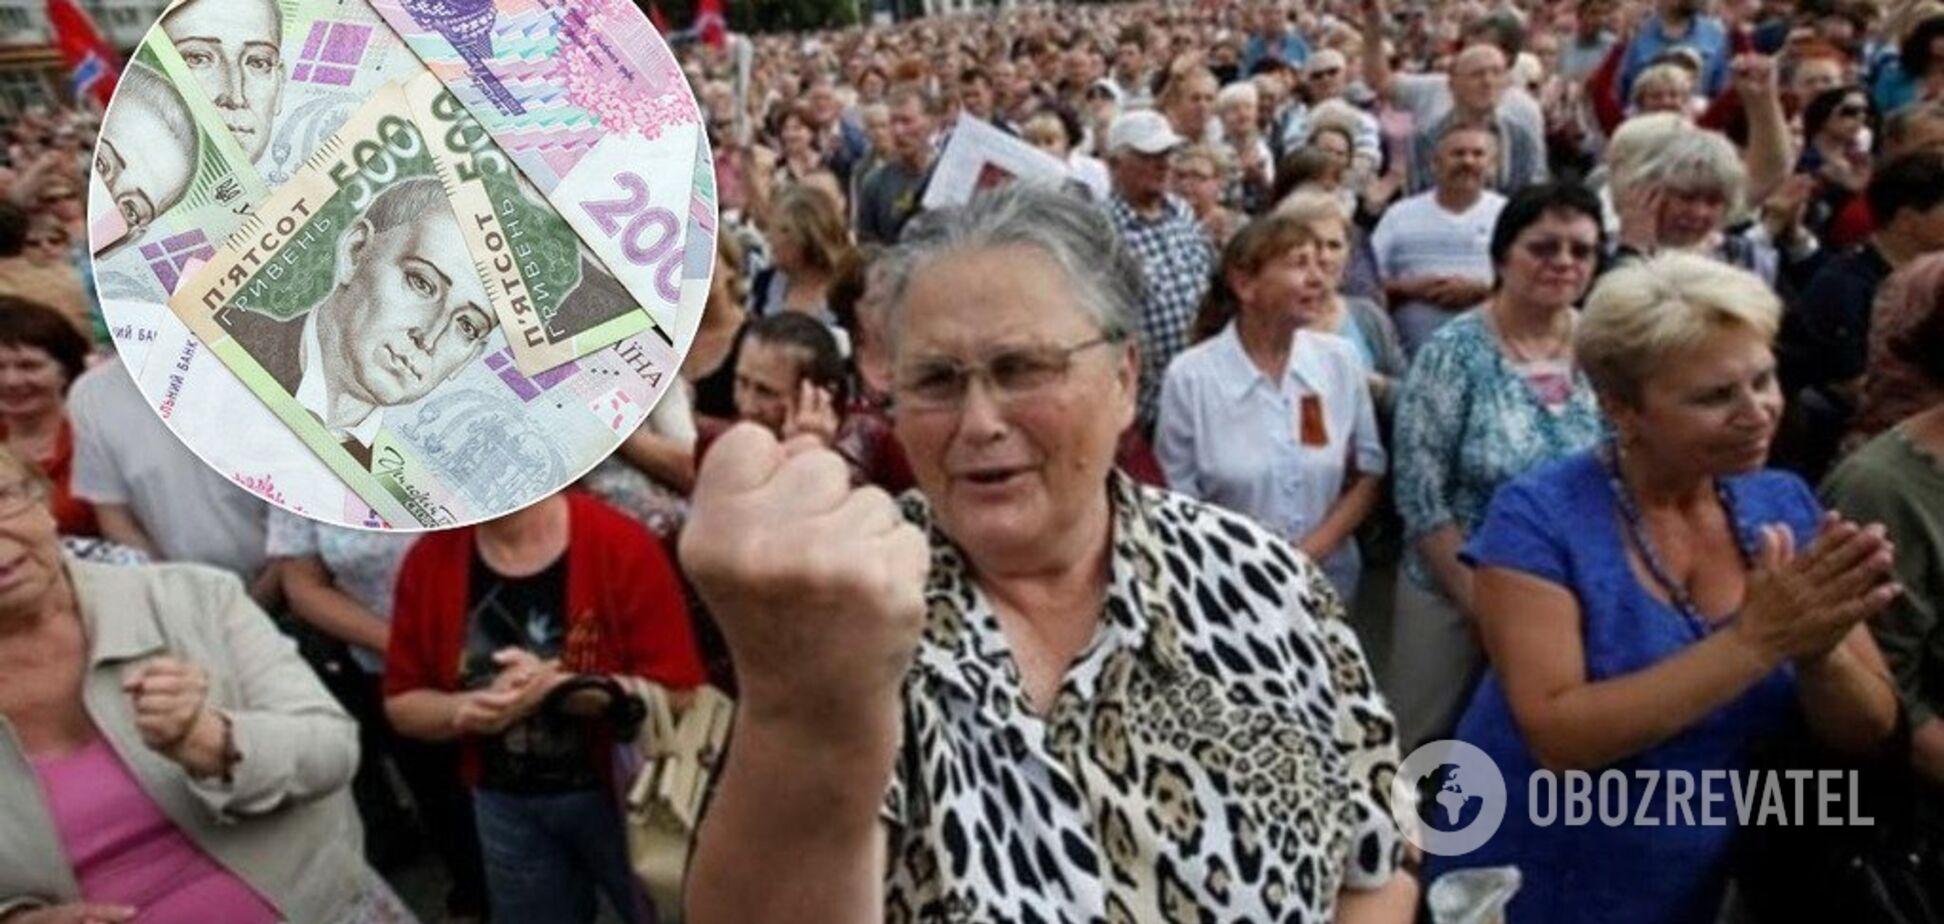 'Віддавати гроші Пушиліну?' Мережу сколихнула заява Сивохо про пенсії для 'Л/ДНР'